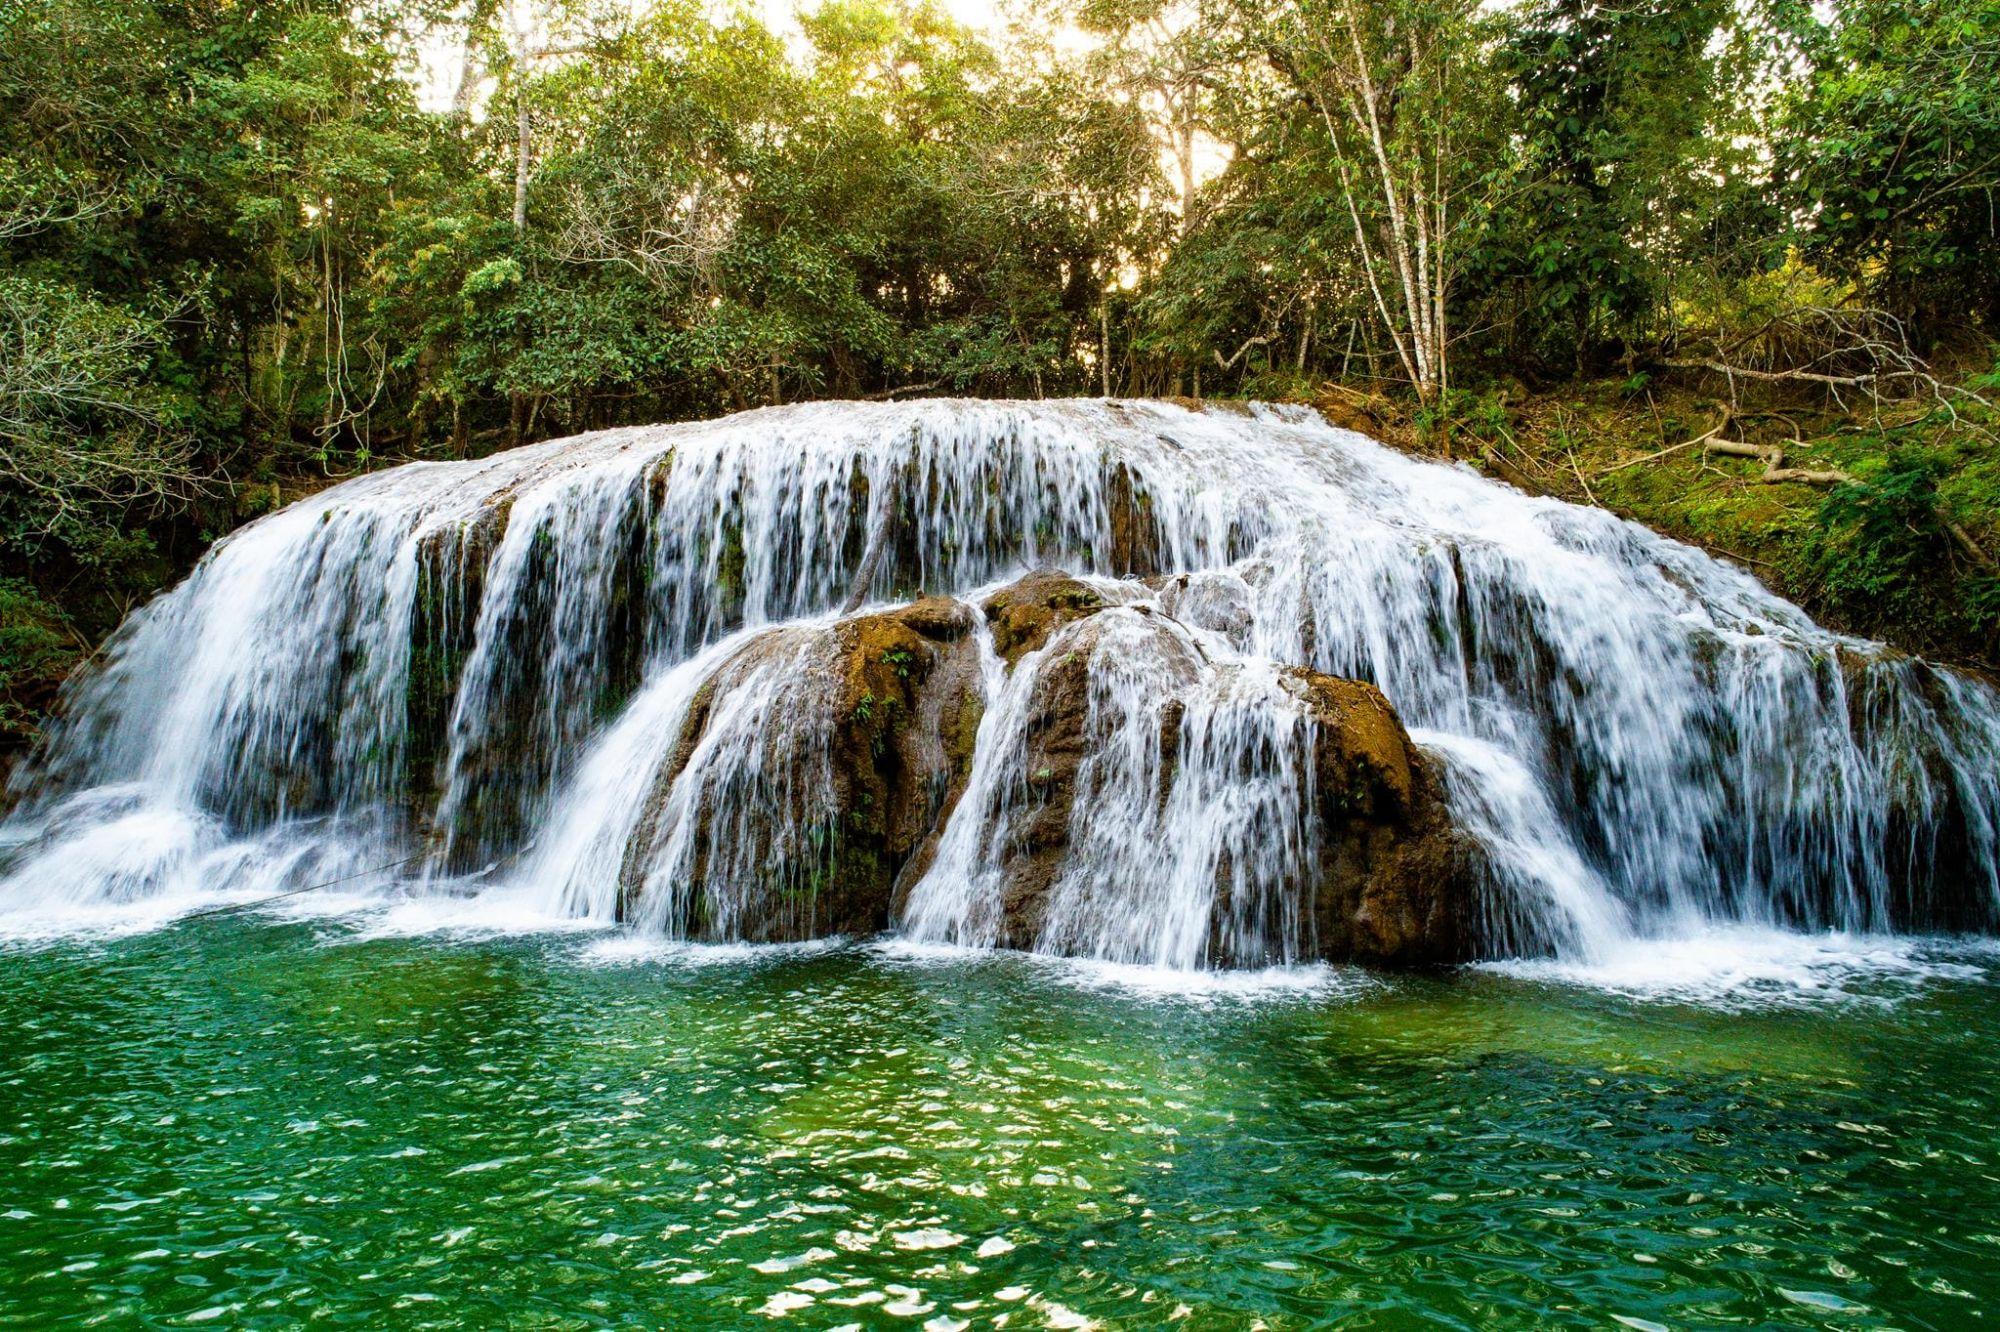 Cachoeira Estância Mimosa